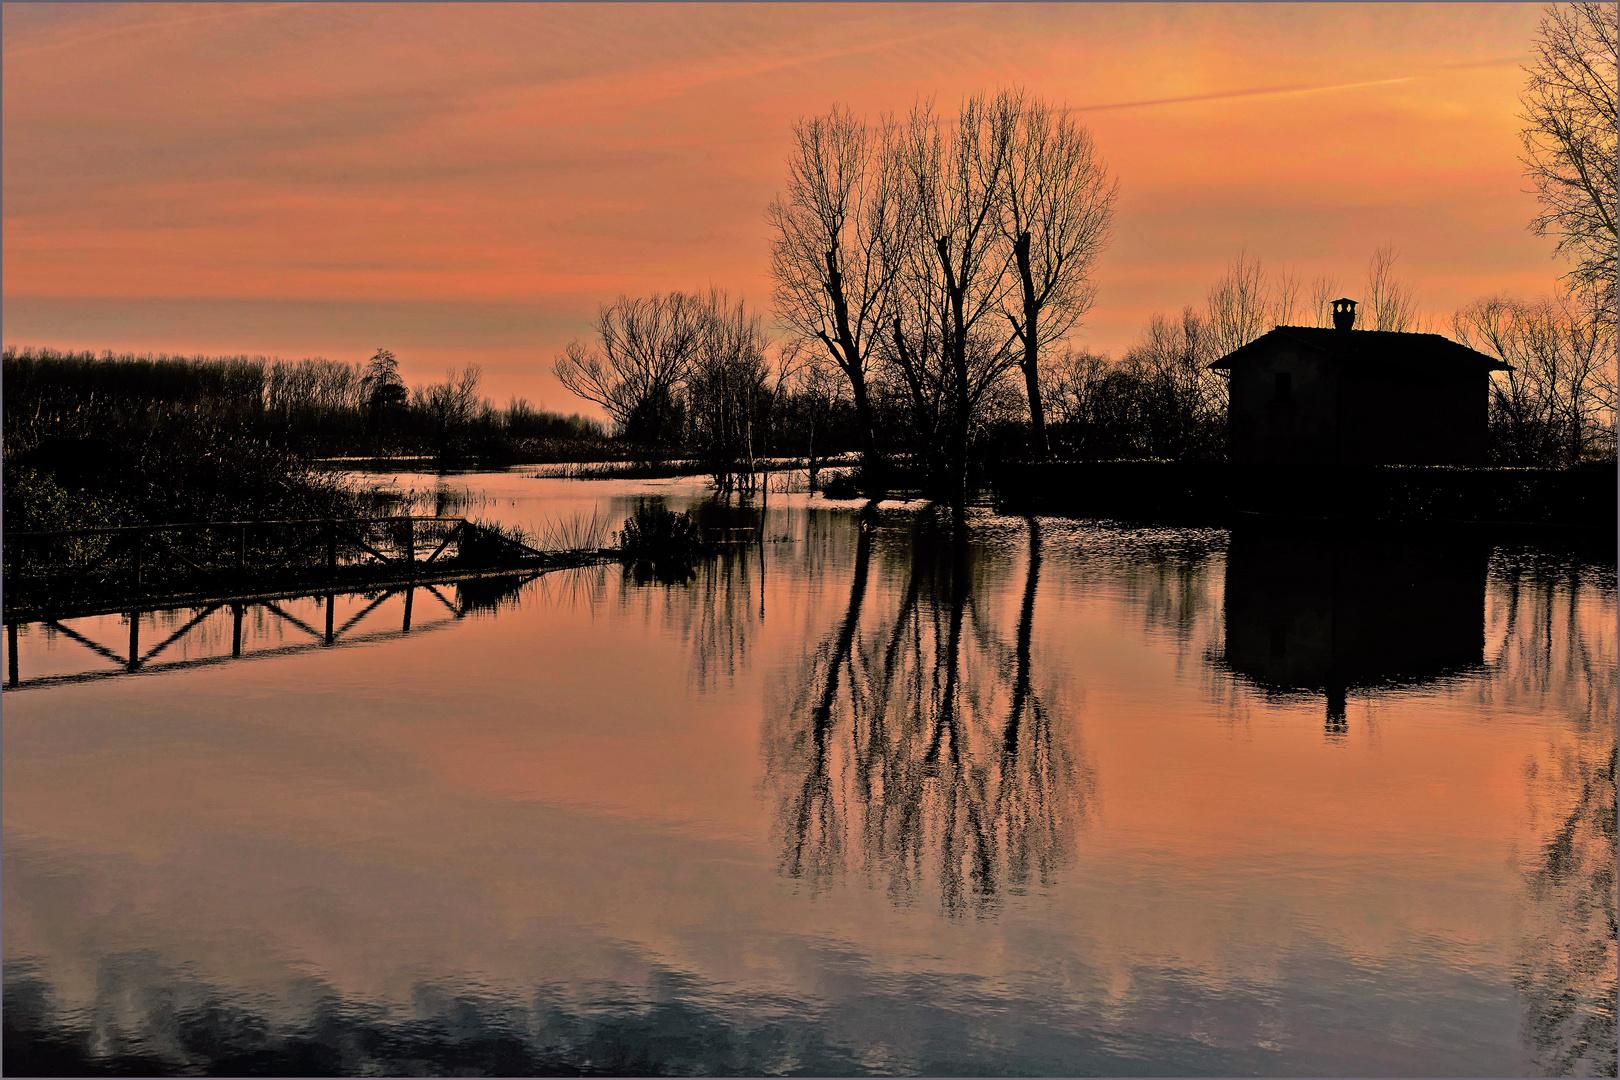 le marais inondé:  3éme tableau 16h30